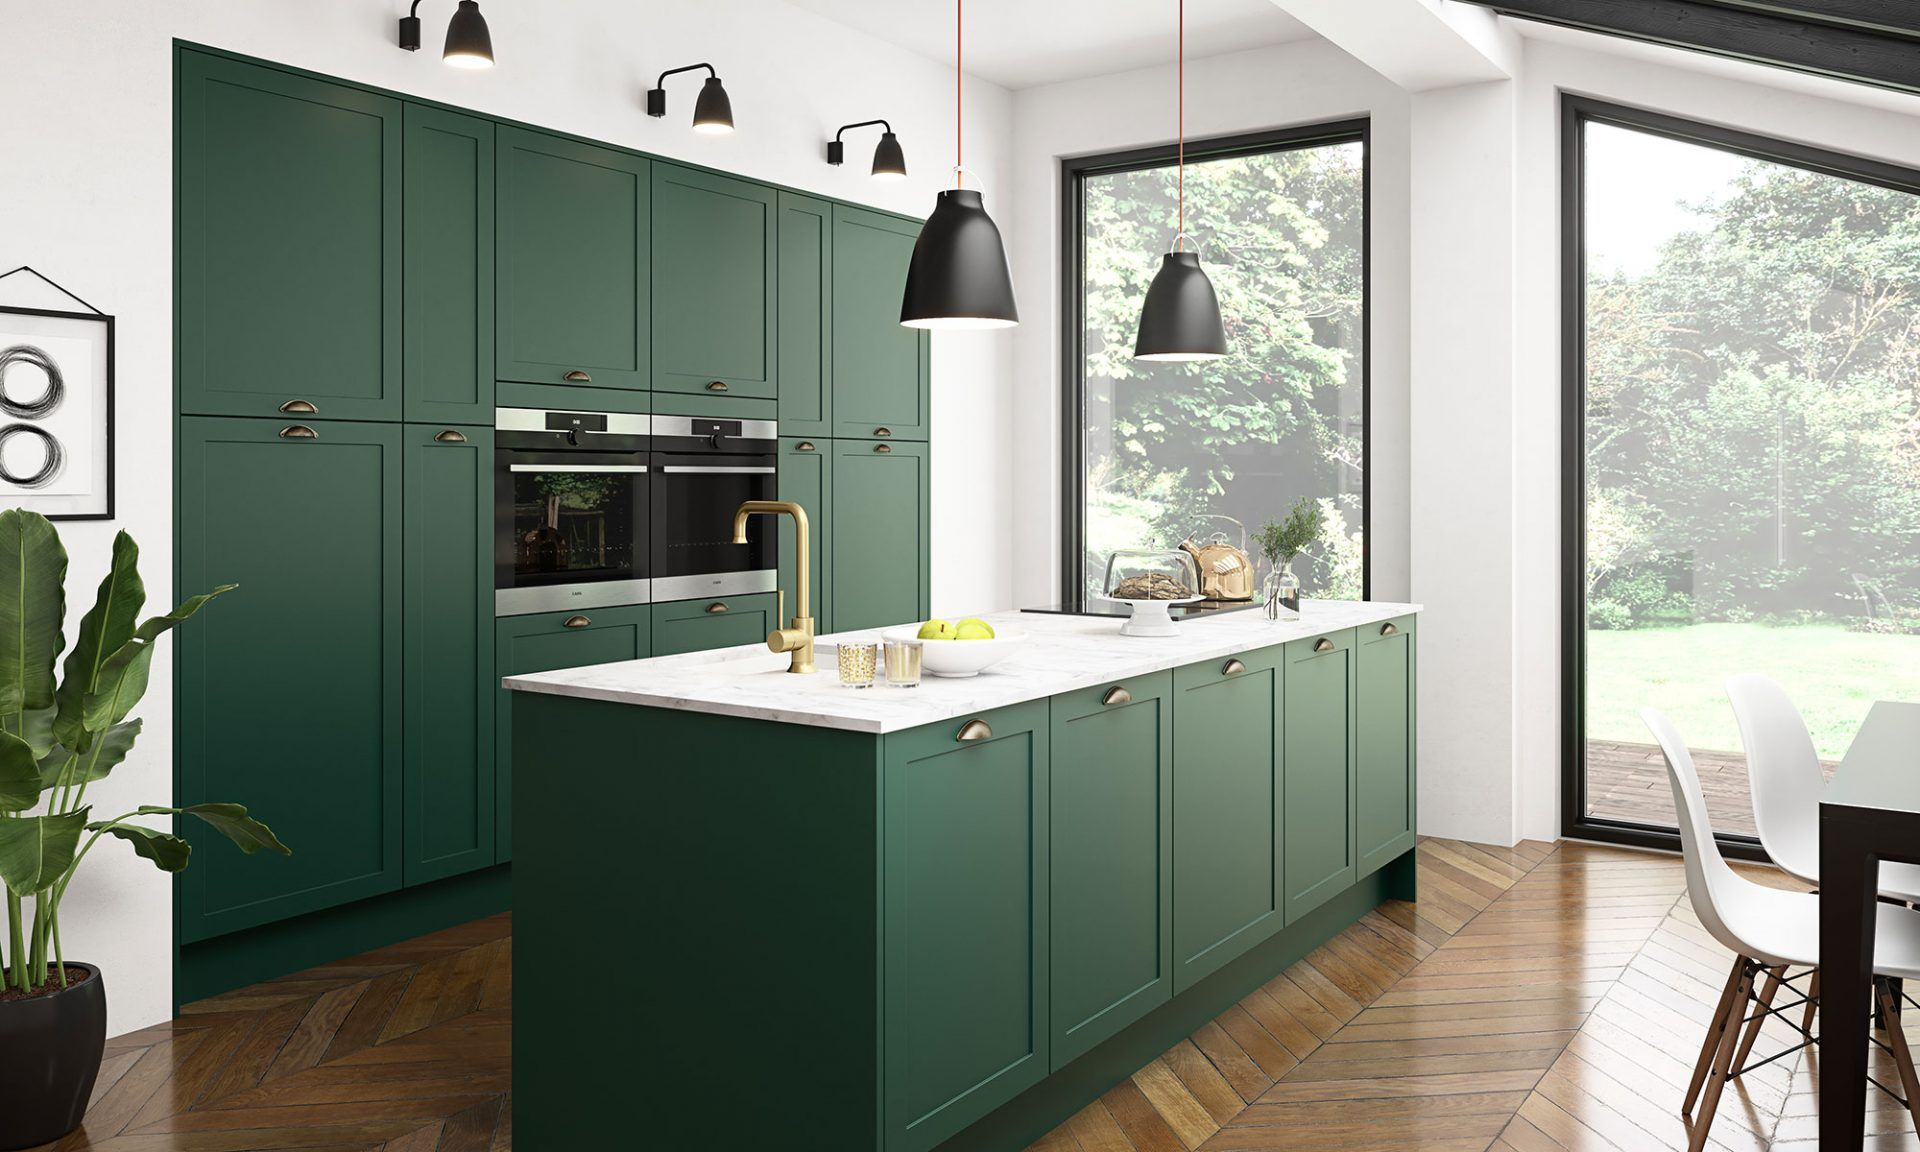 Kitchen Trends 2021 Stunning Kitchen Design Trends For The Year Ahead Modern Kitchen Design Latest Kitchen Designs Kitchen Design Trends